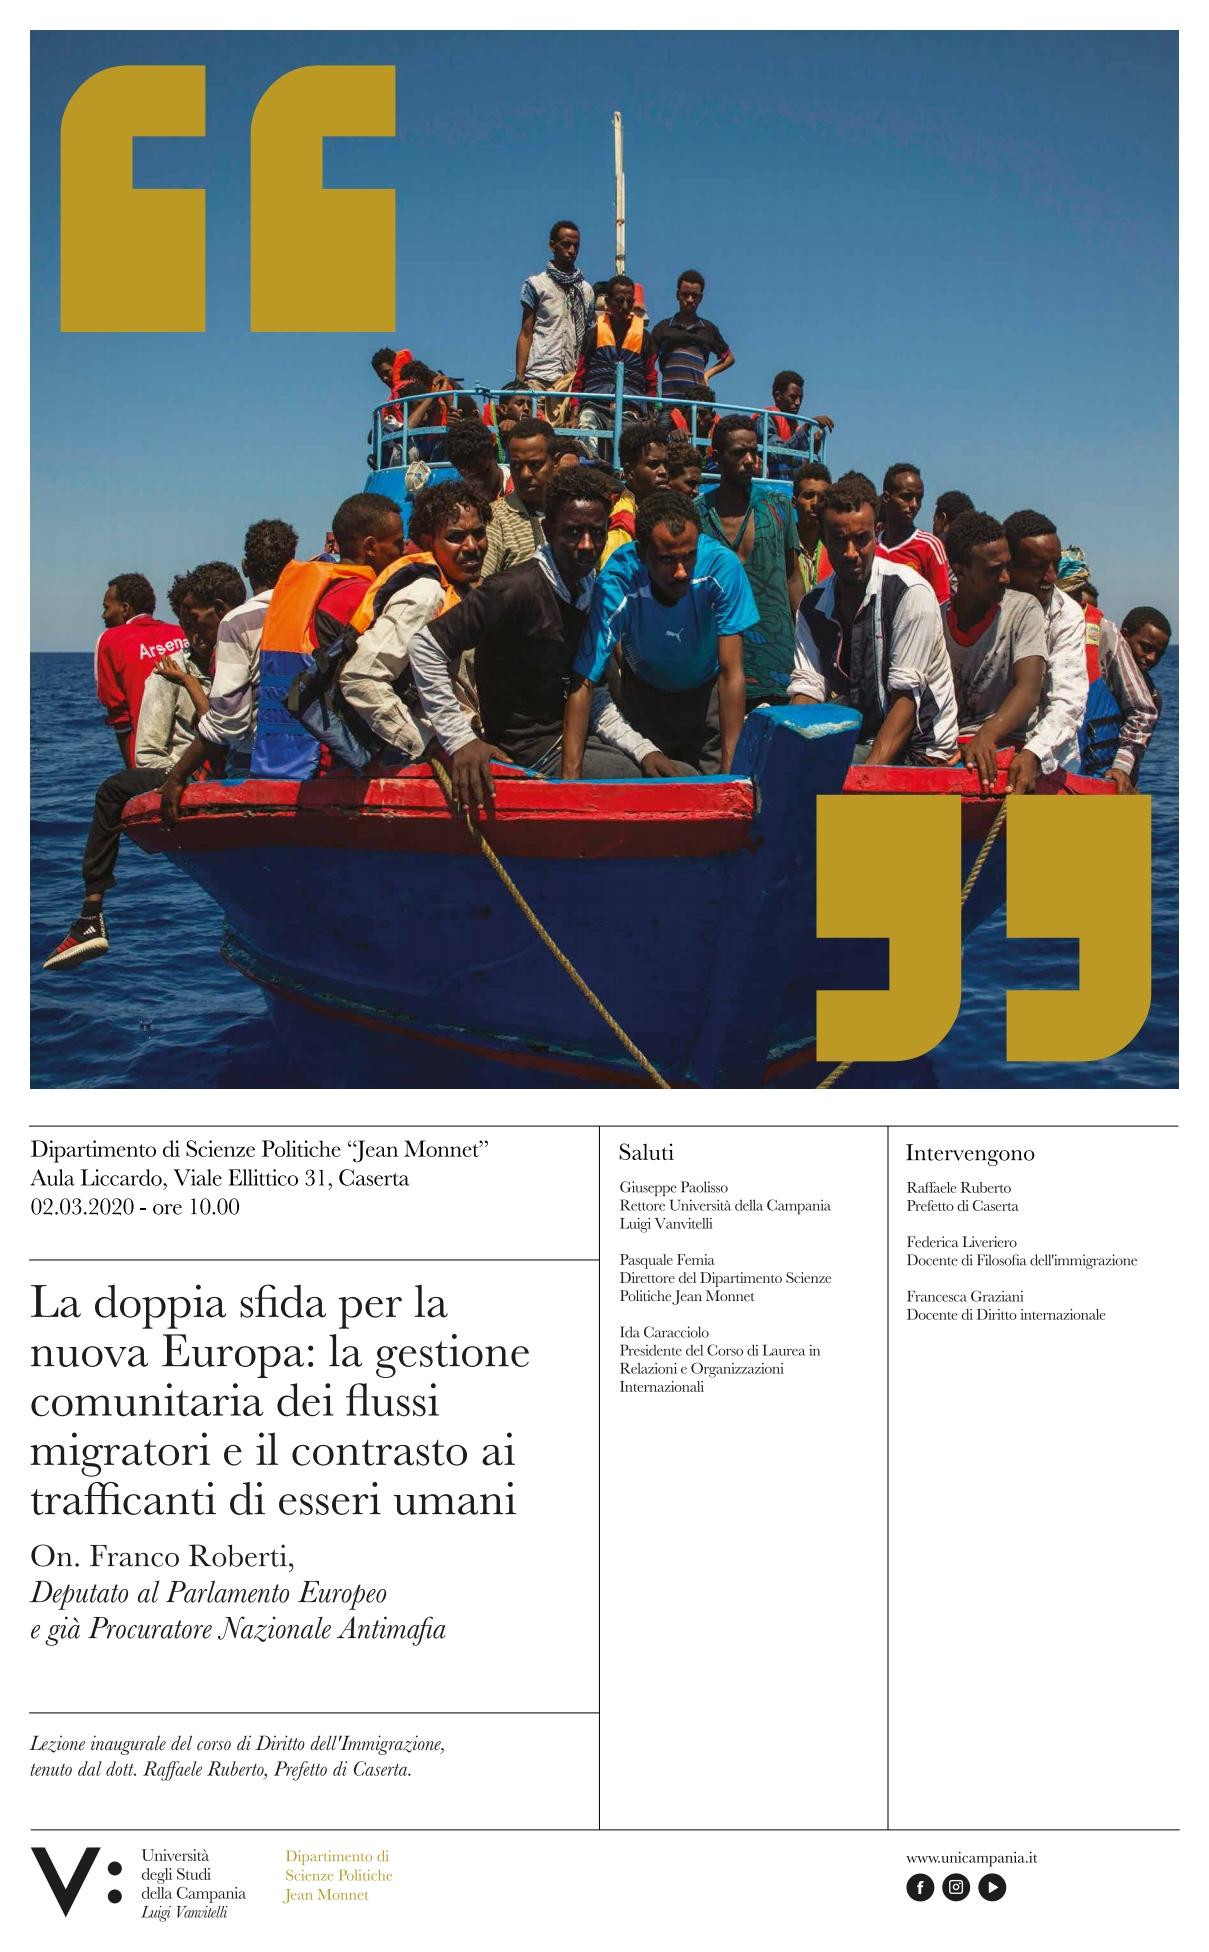 Il 2 marzo convegno sulle migrazioni all'Università di Caserta